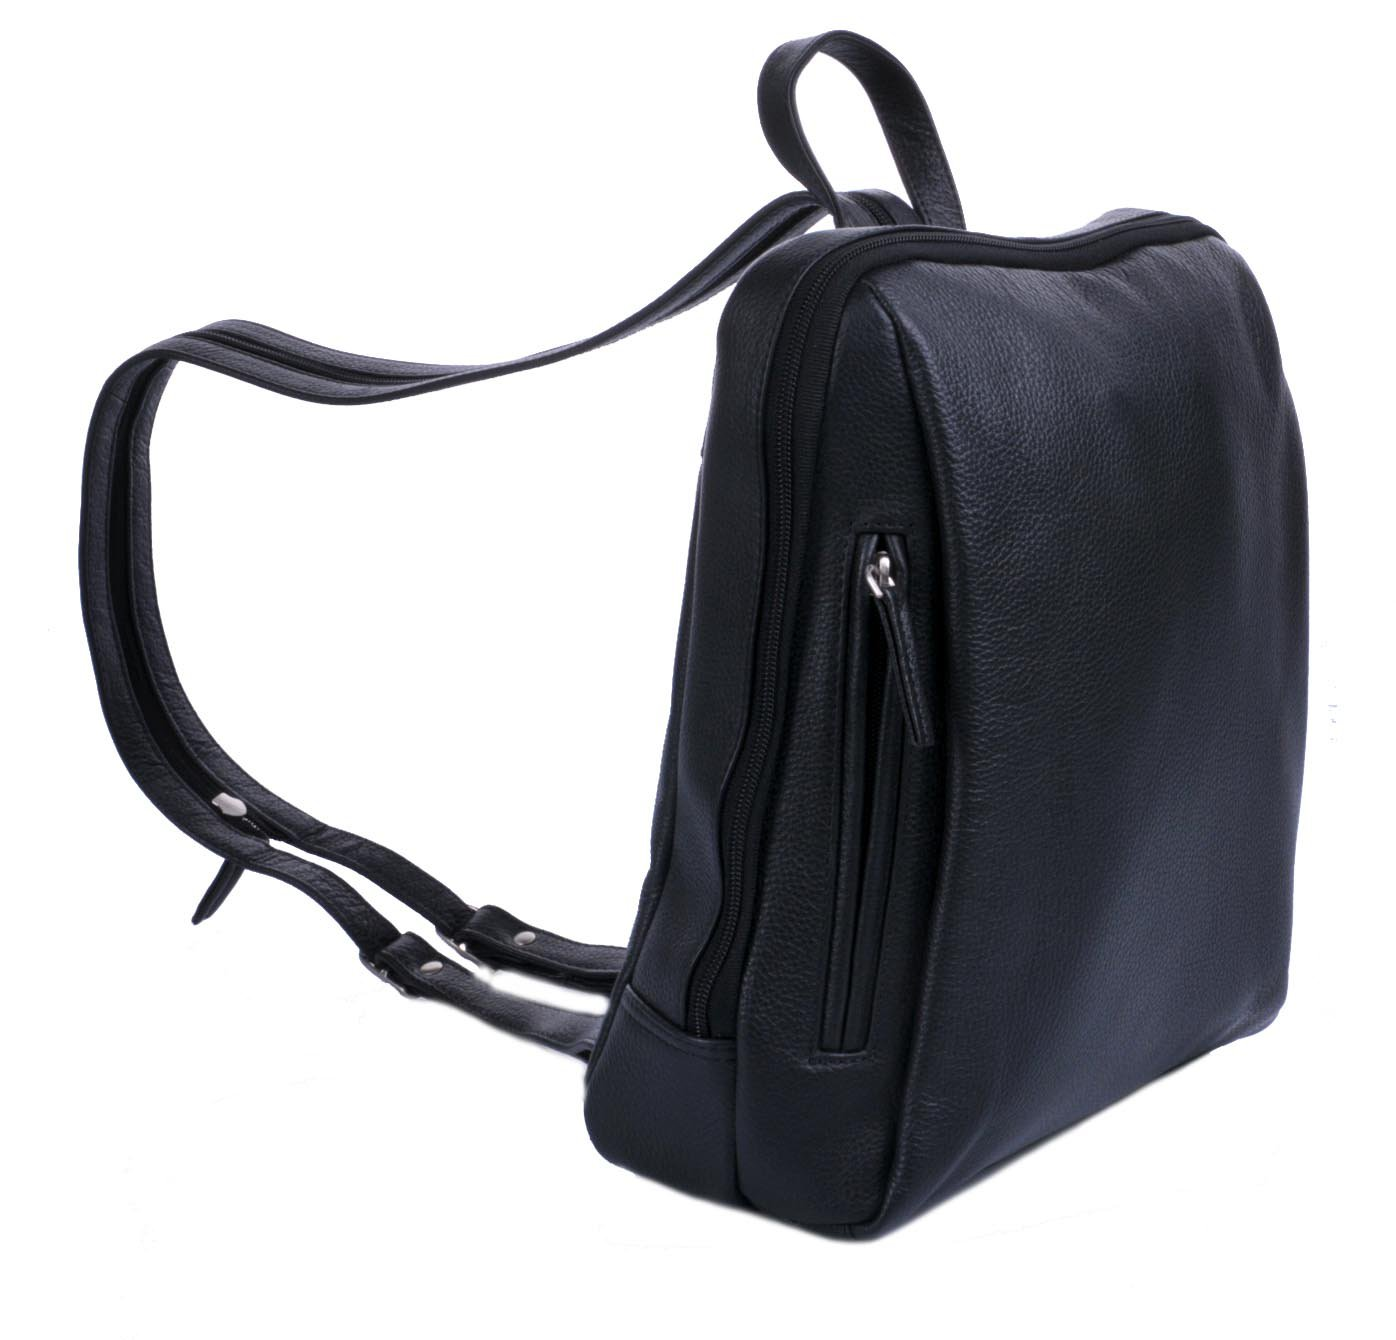 6819e51a0fb Estelle Kožený dámský batoh 0610 černý. sleva 13 %